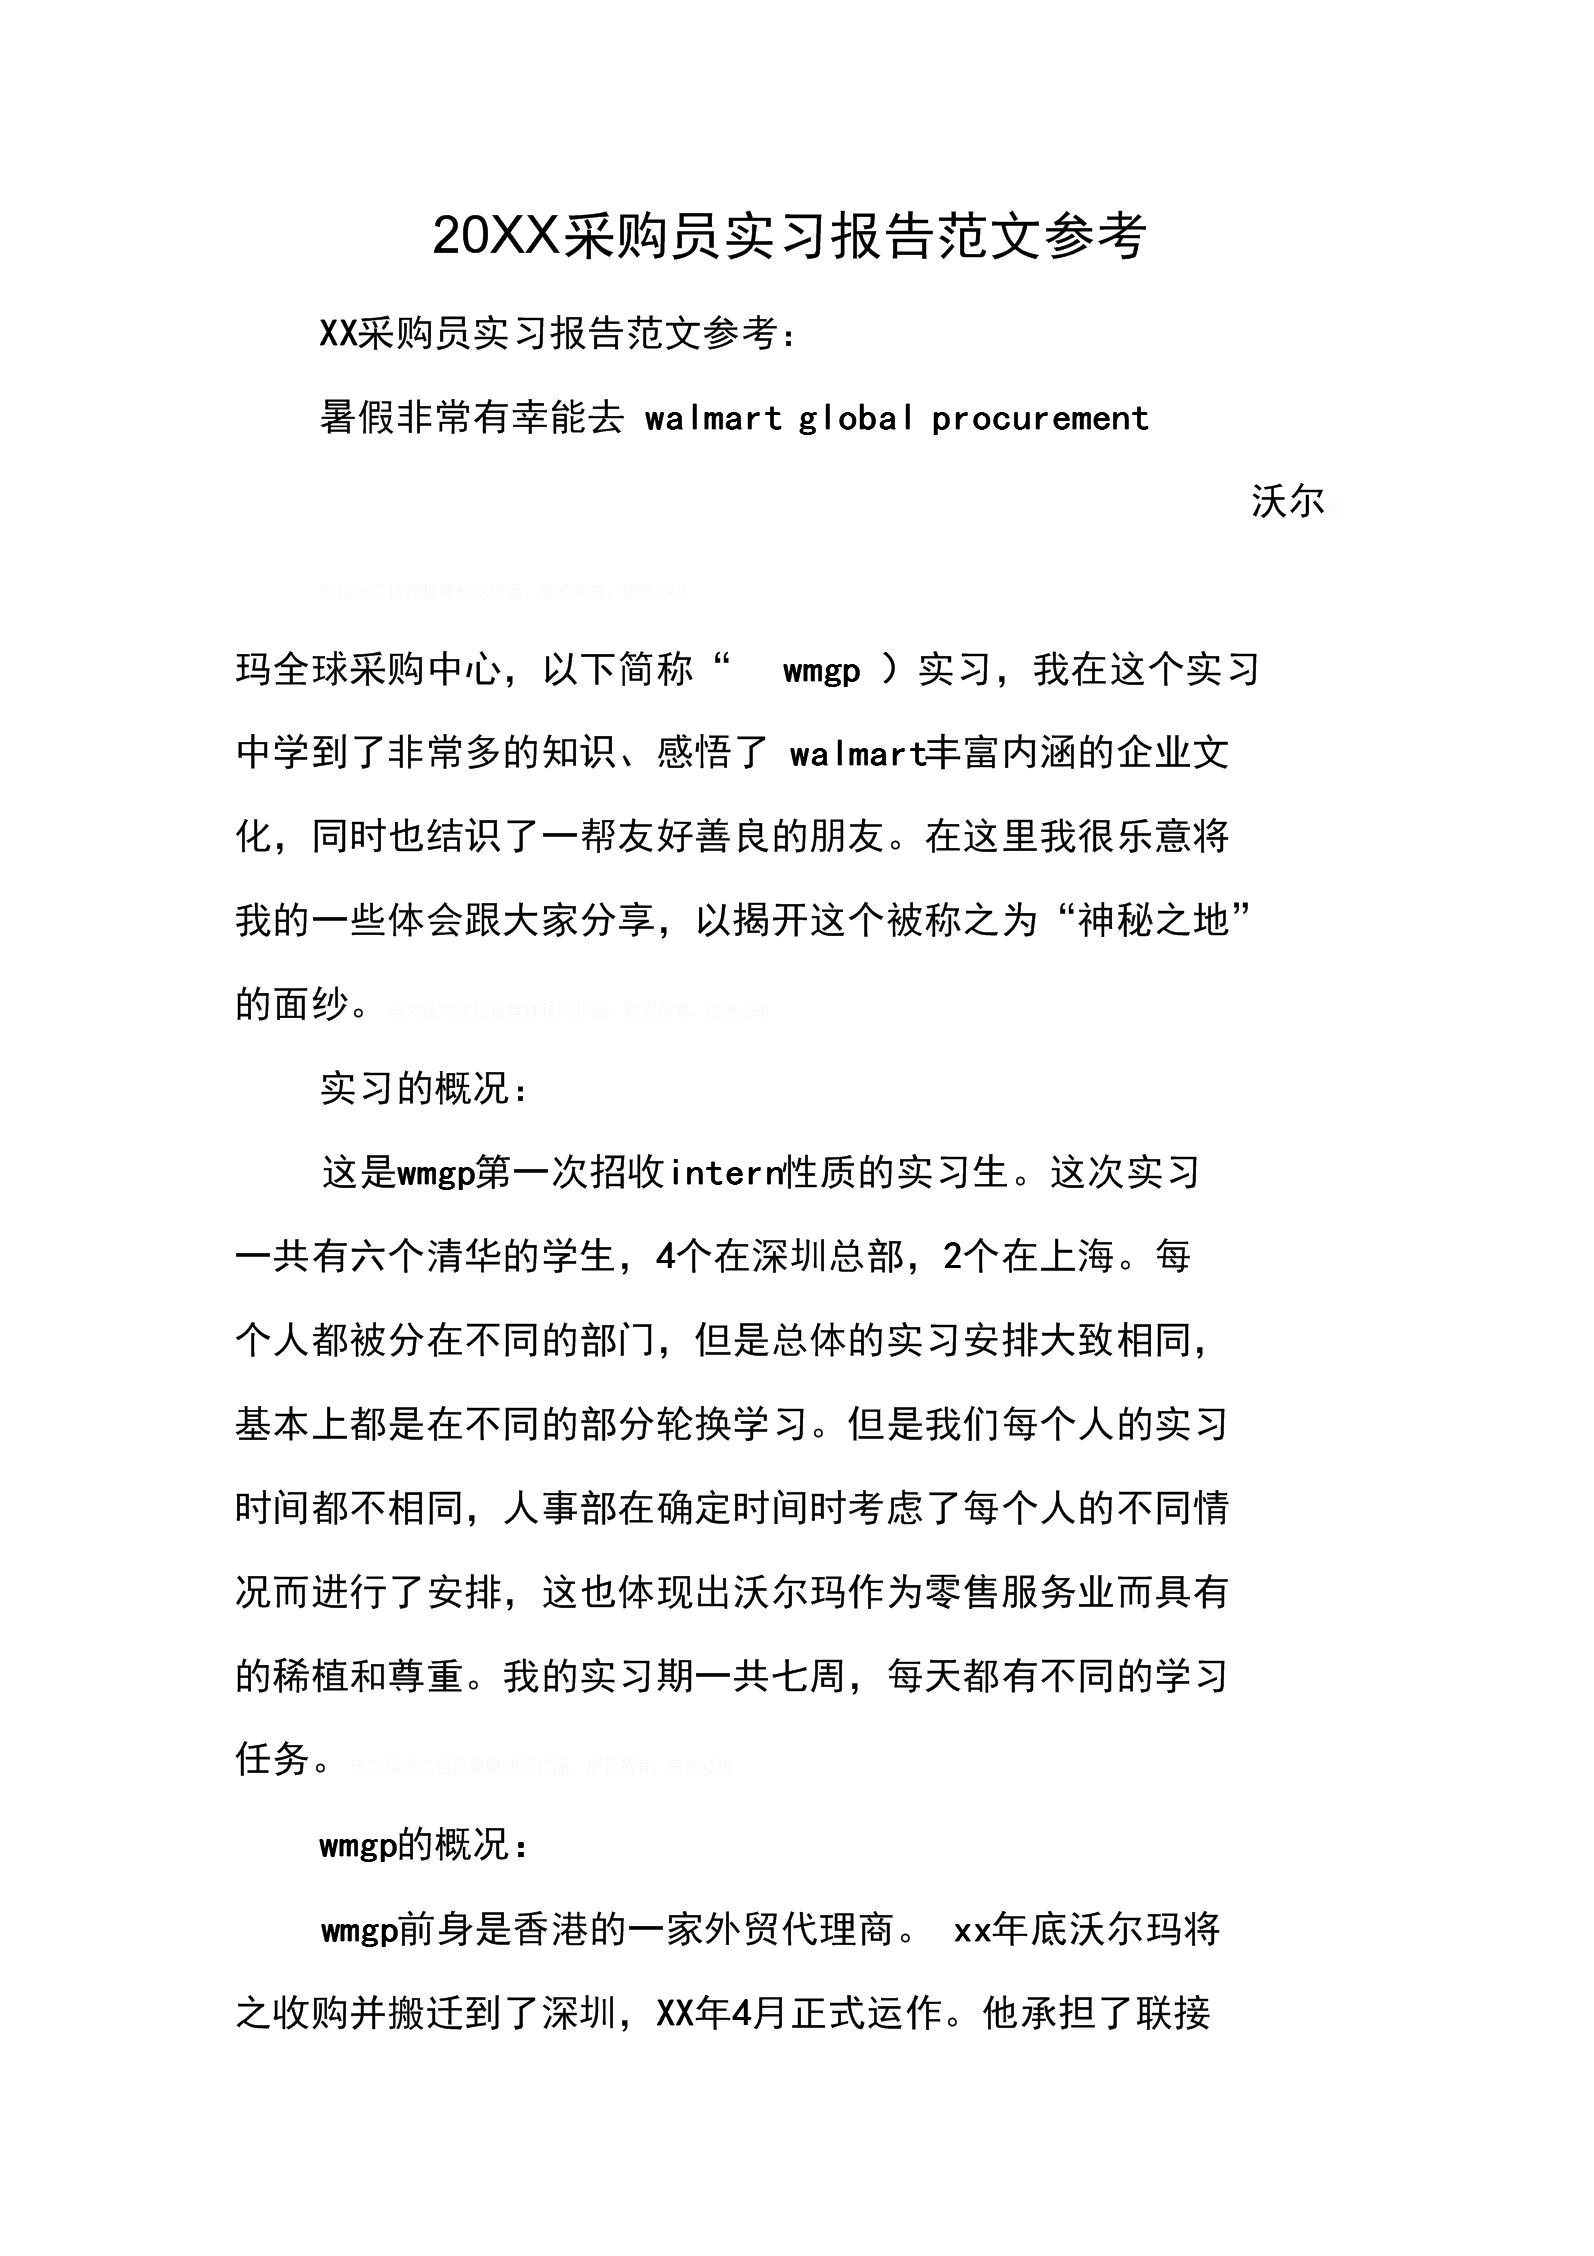 20XX采购员实习报告范文参考.docx